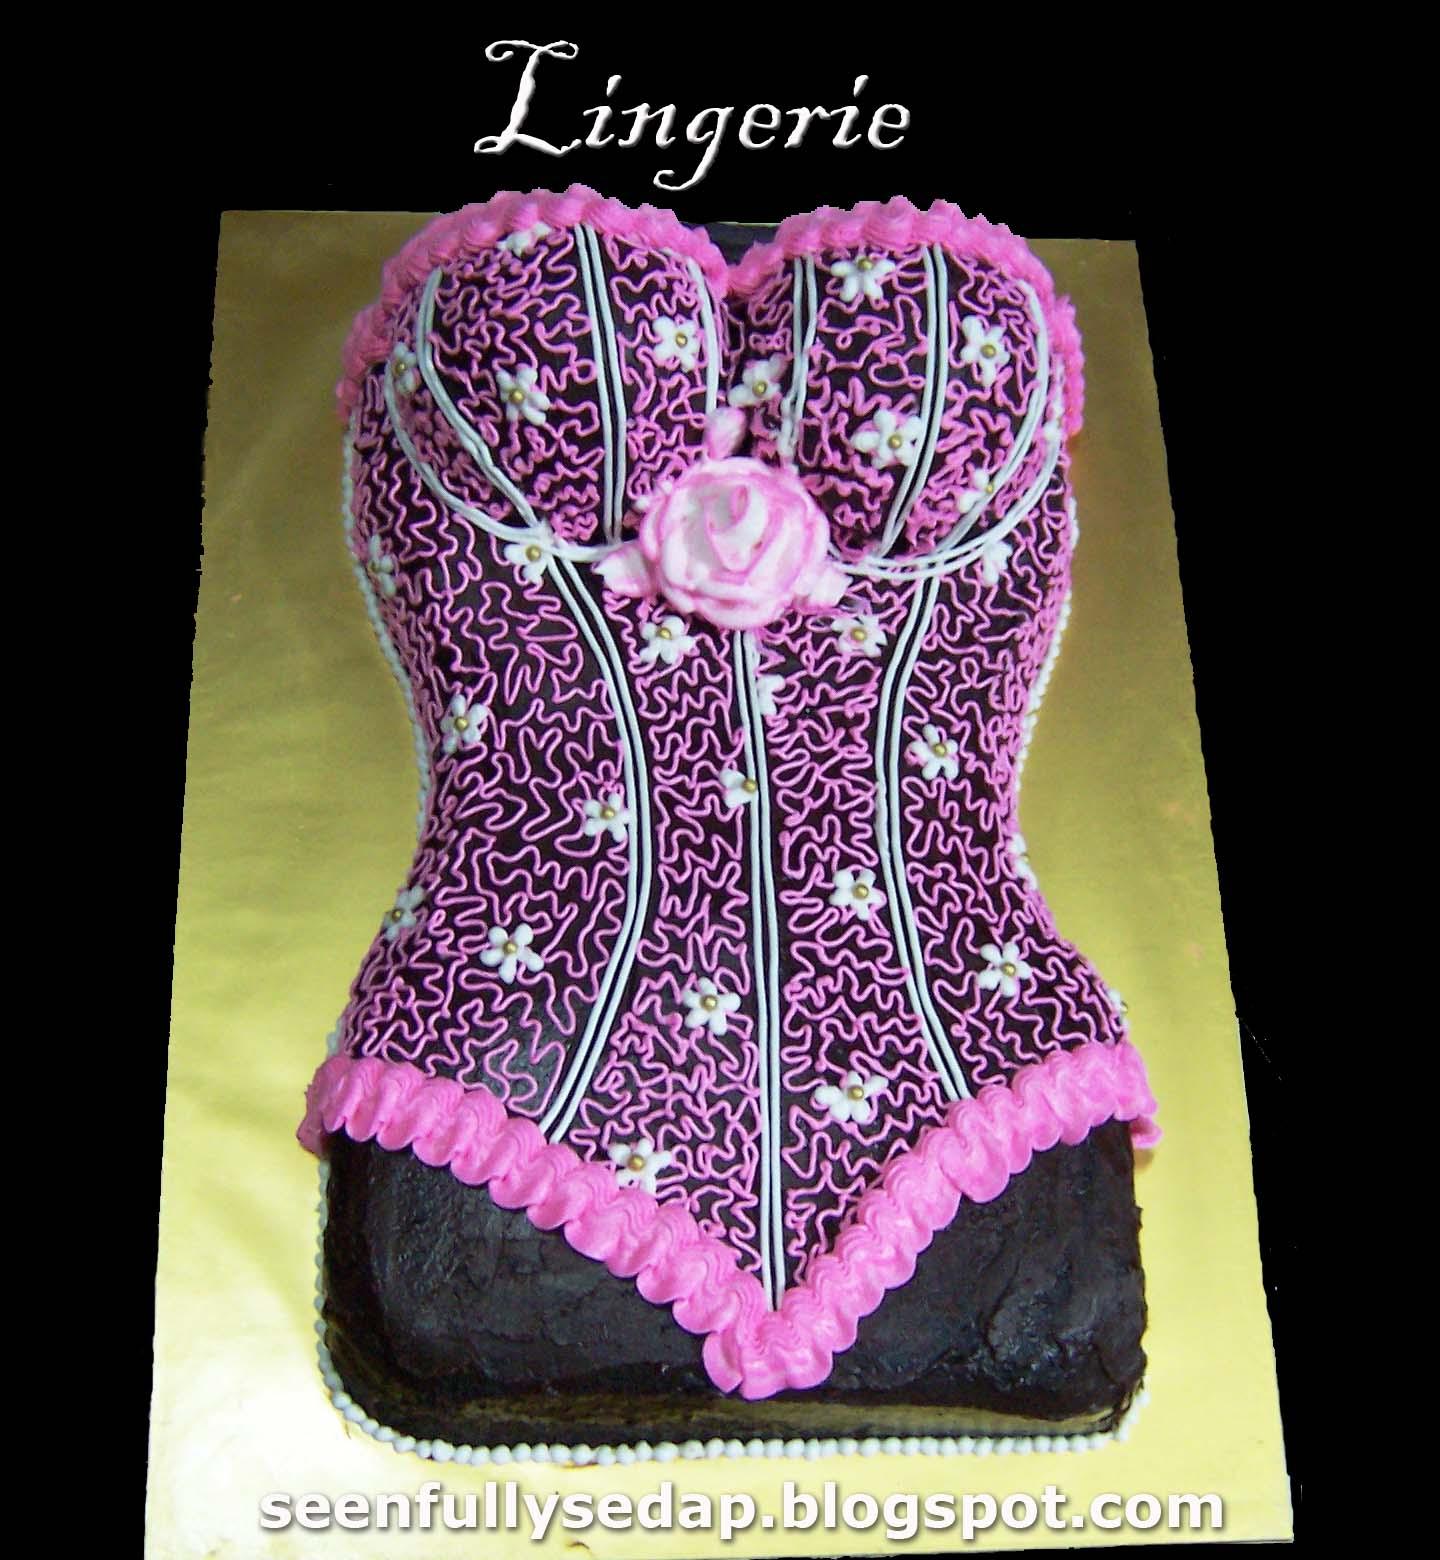 Seenfully Sedap: Lingerie Cake